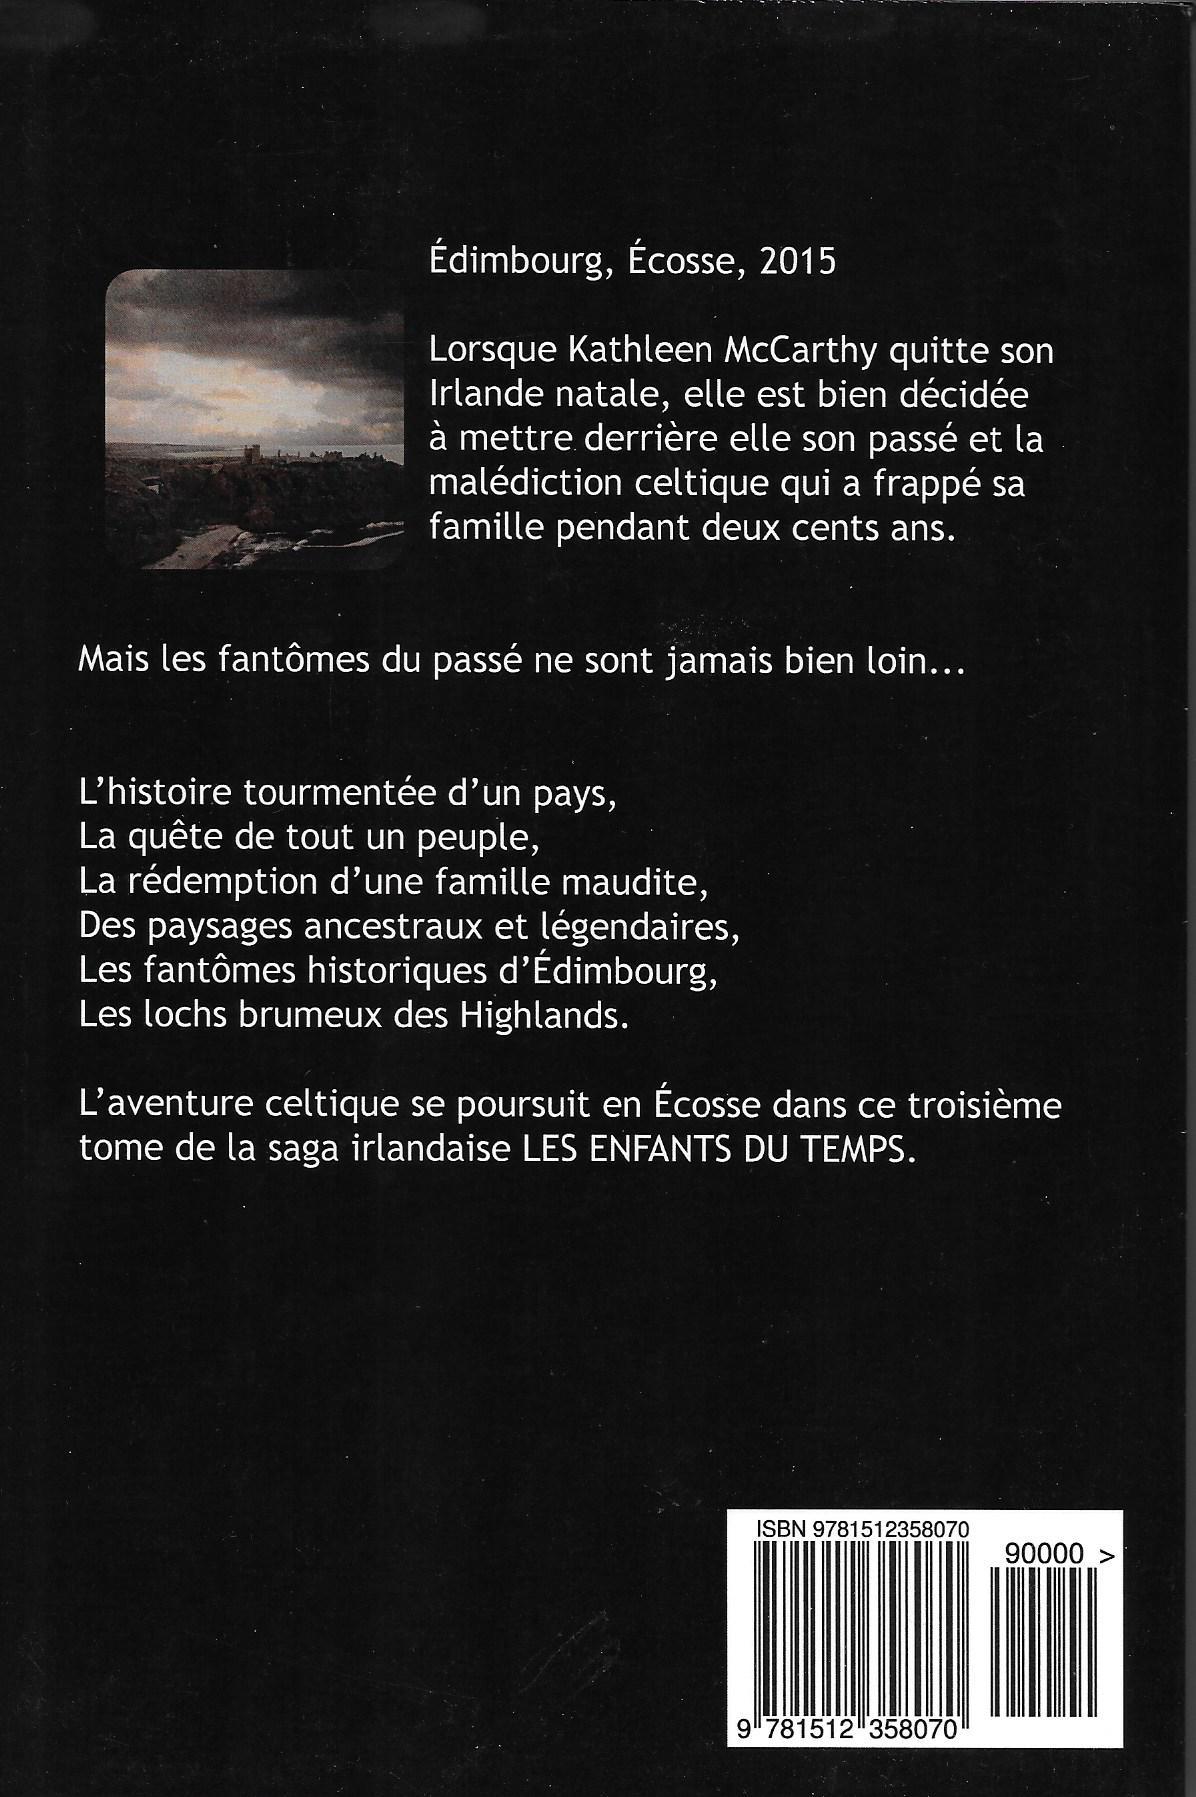 Les Enfants du Temps - Incomprise (couverture verso)